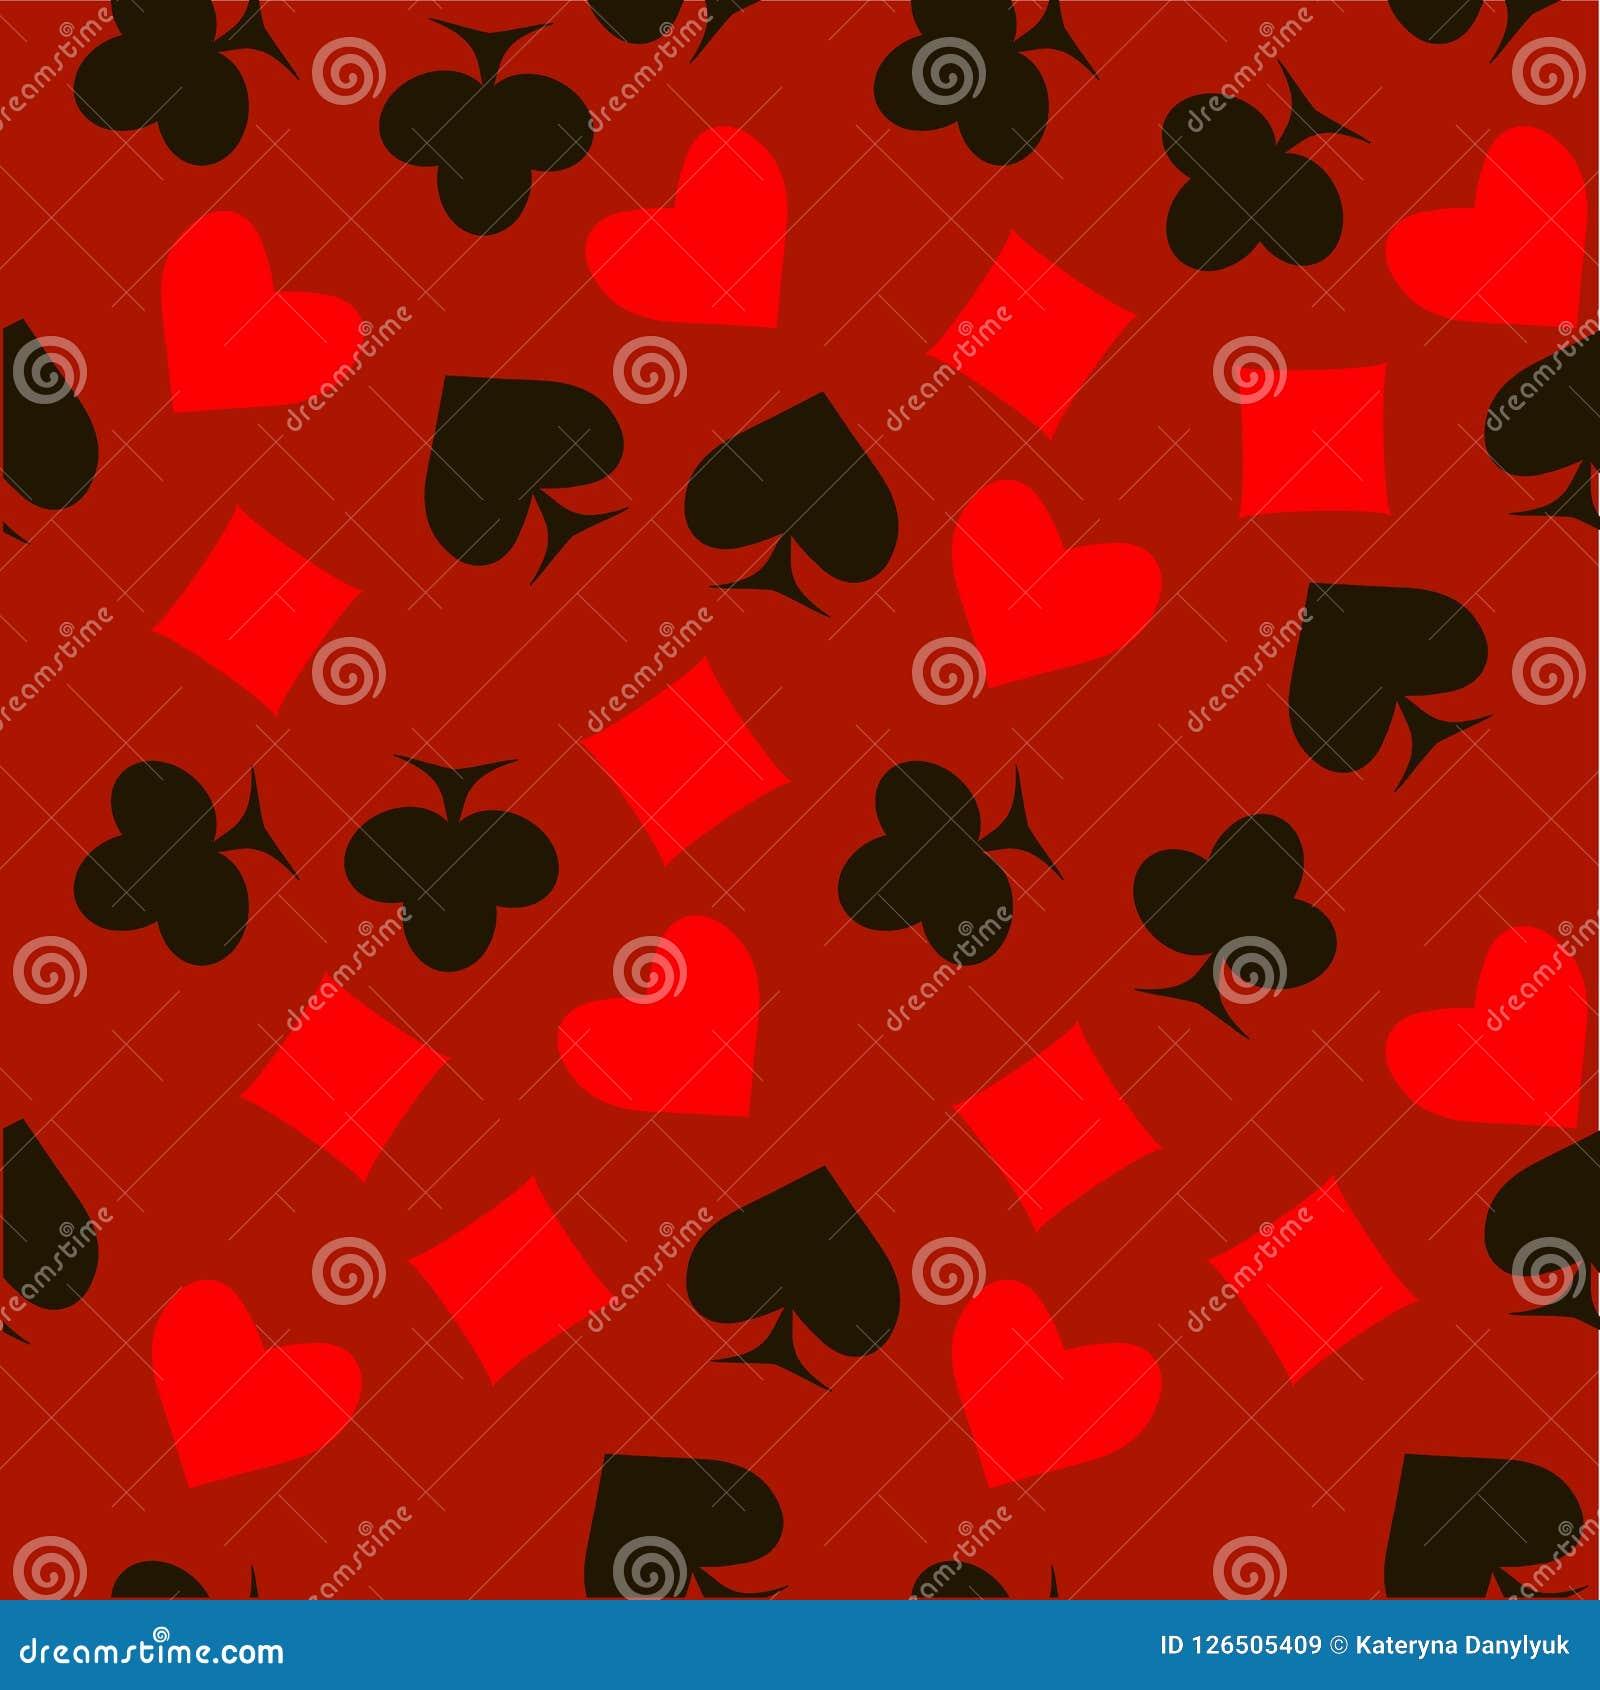 De naadloze rode en zwarte spadesharten, diamanten, clubs, pook, kaartensymbolen op rood patroon ontwerpen element